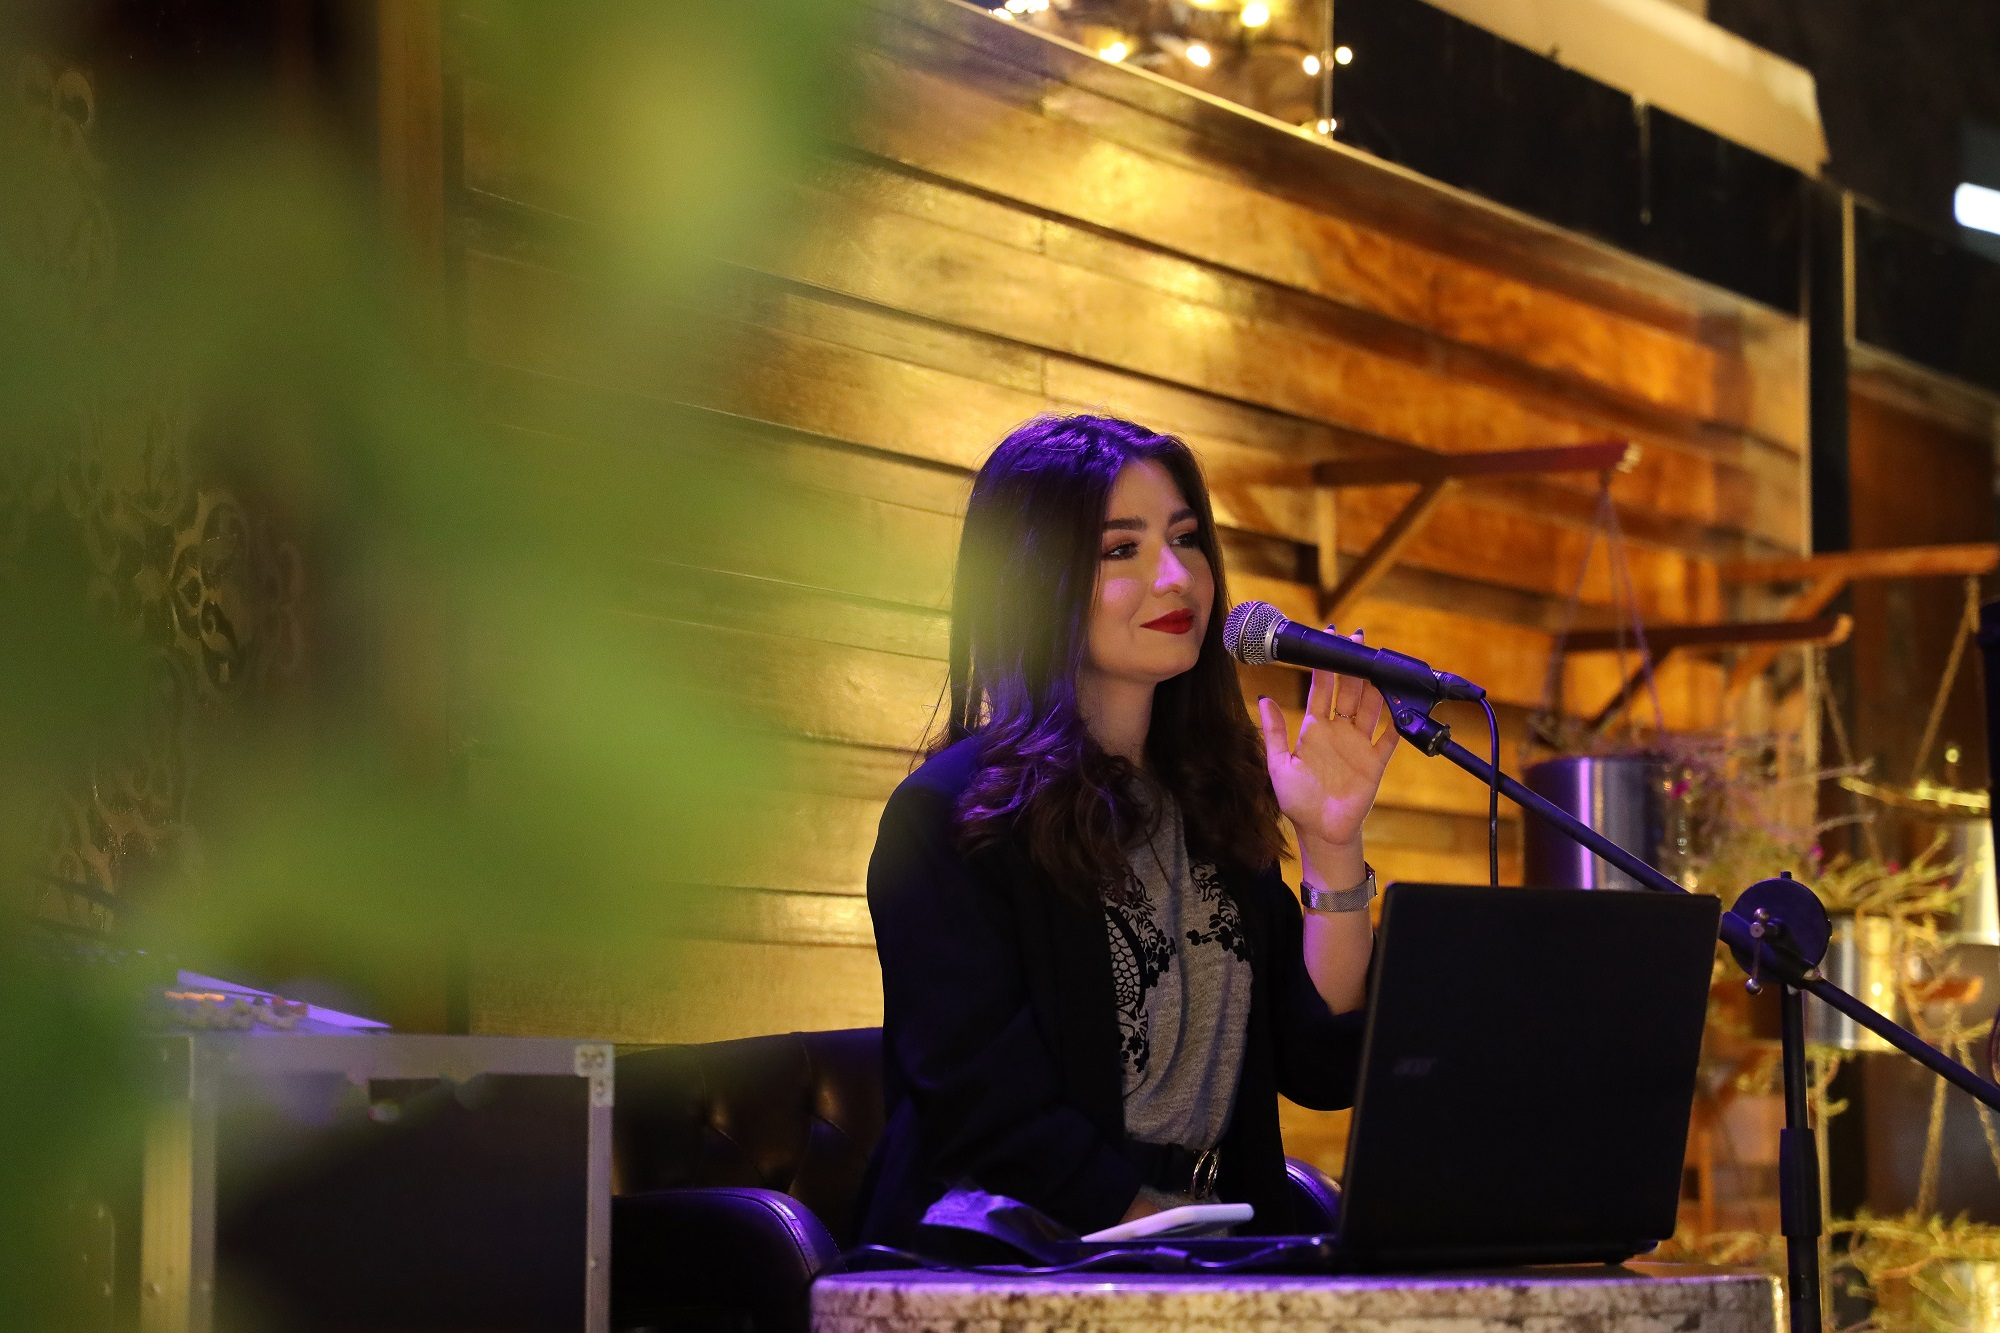 المغنية الموهوبة بيرلا فرحات